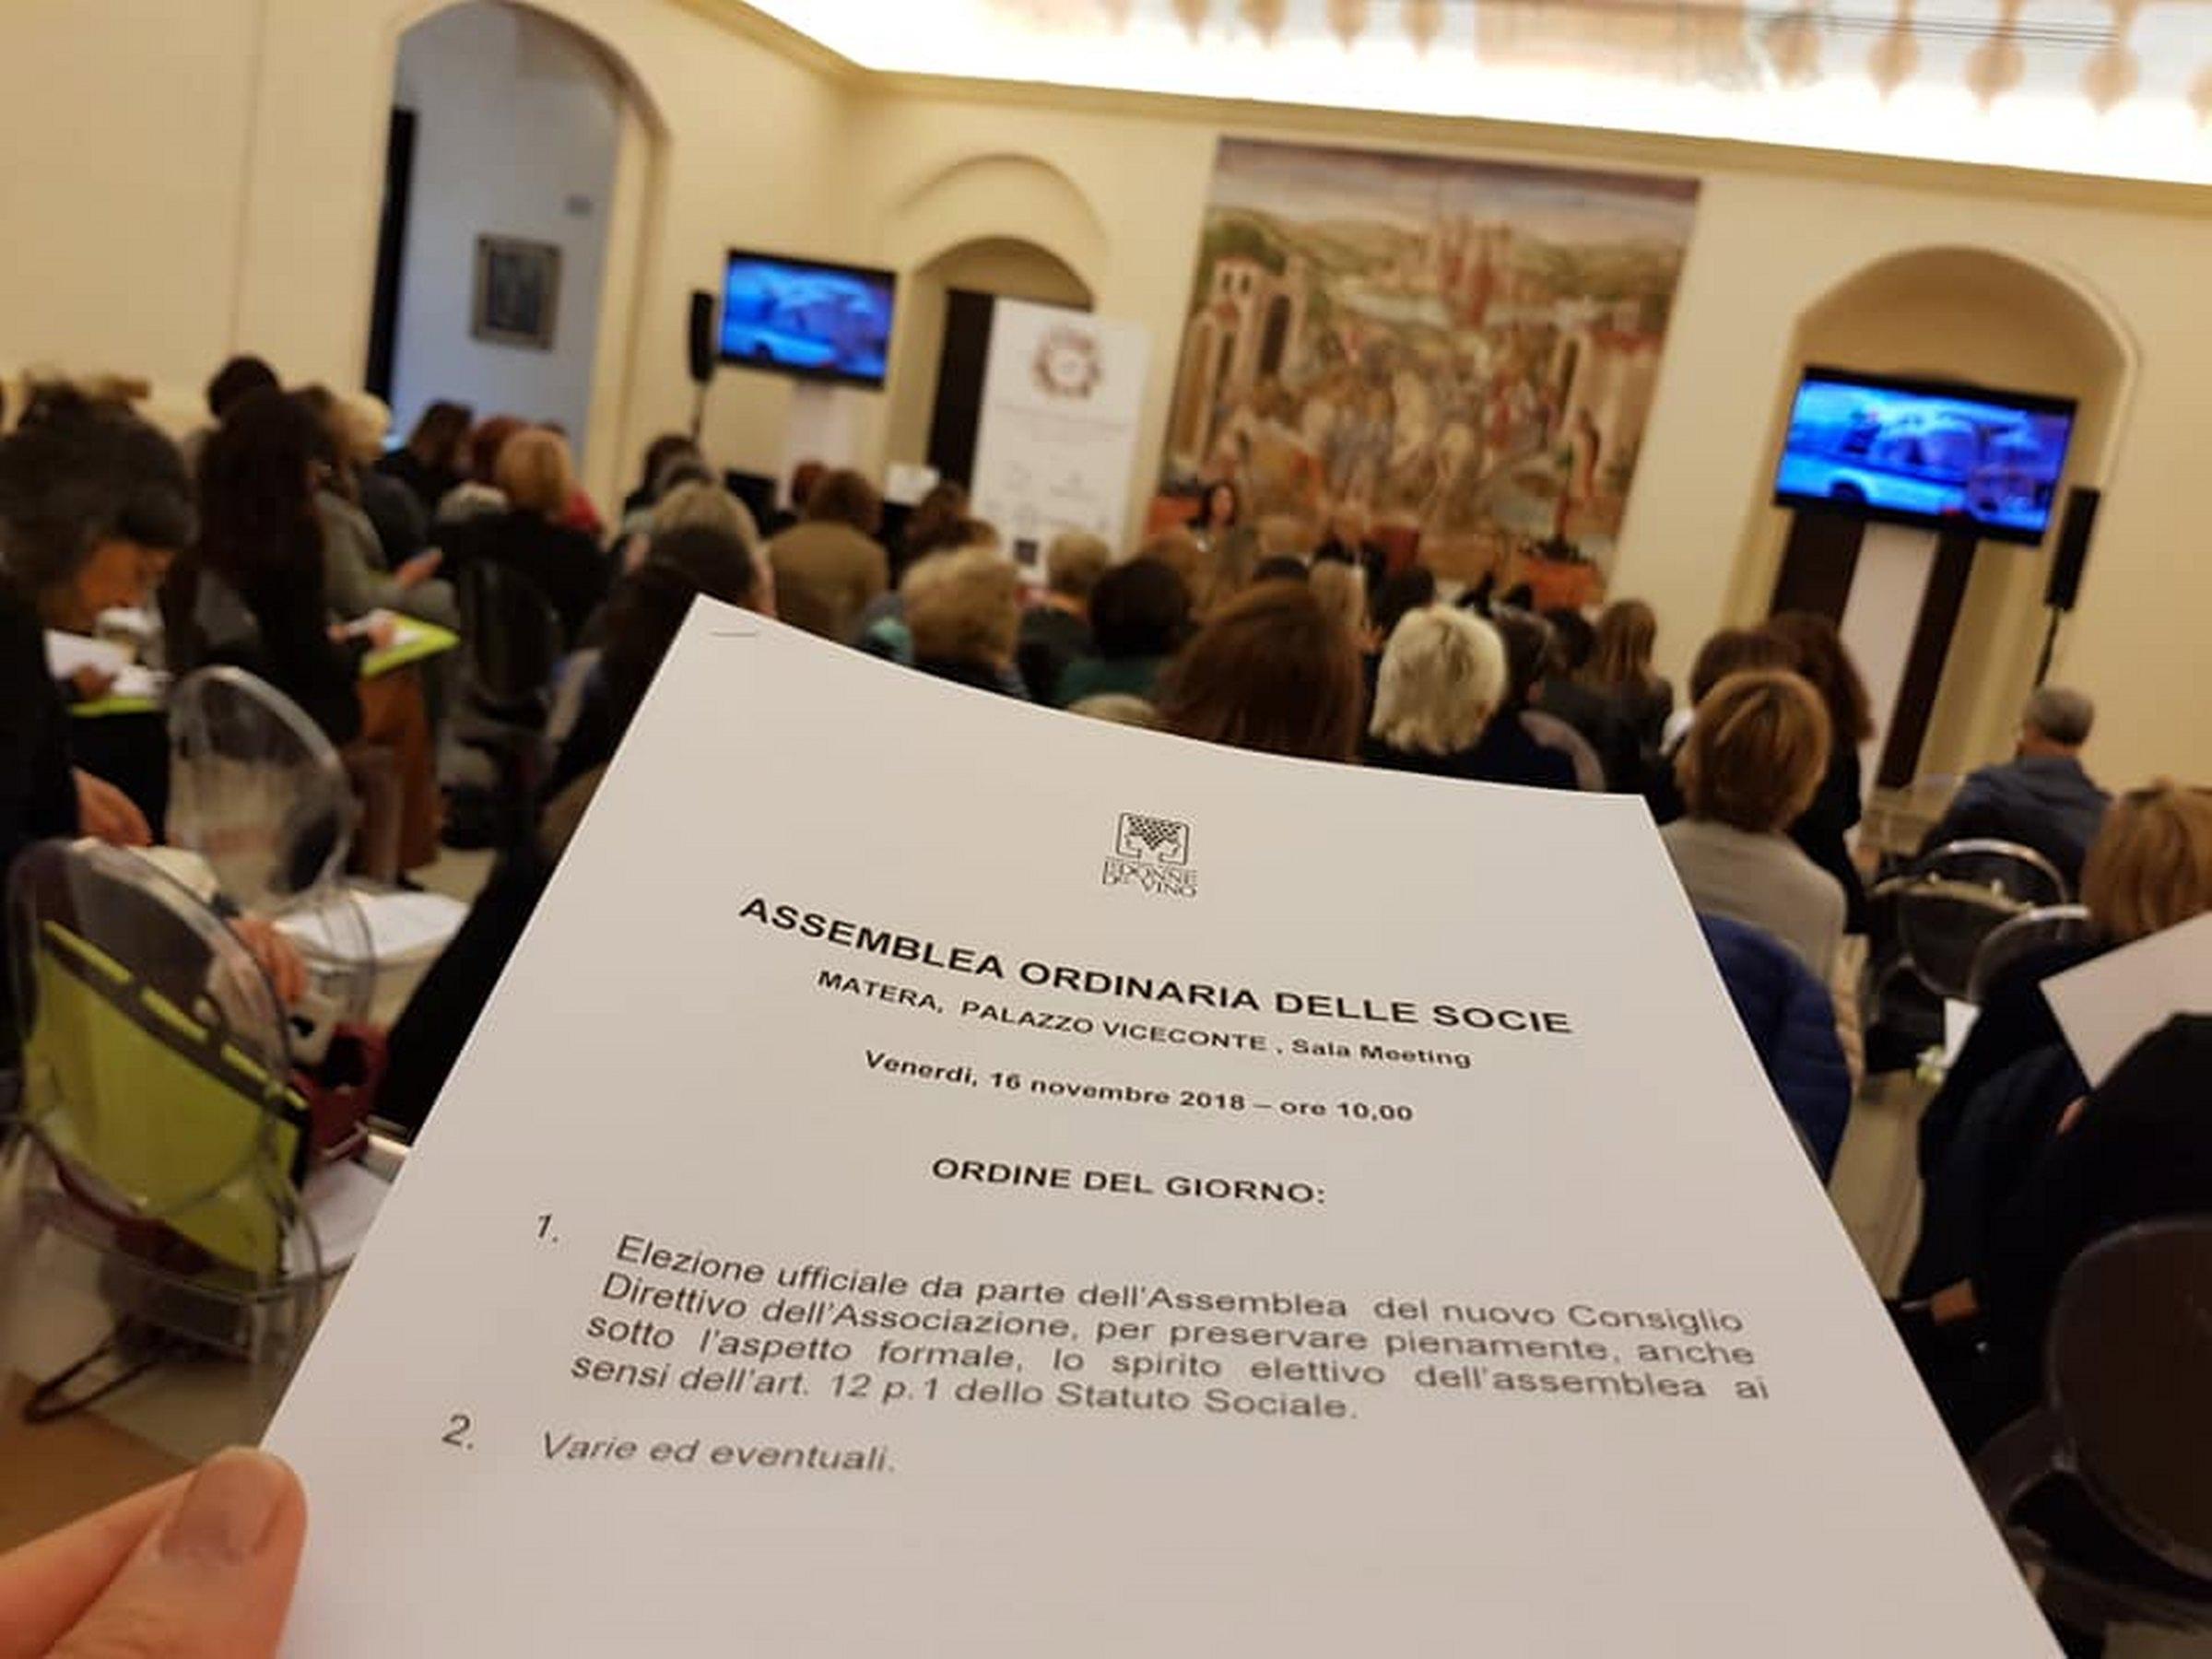 """Matera """"Le Donne del Vino nel Mondo"""" Assemblea  Palazzo Vice-Conte, 16 novembre 2018"""